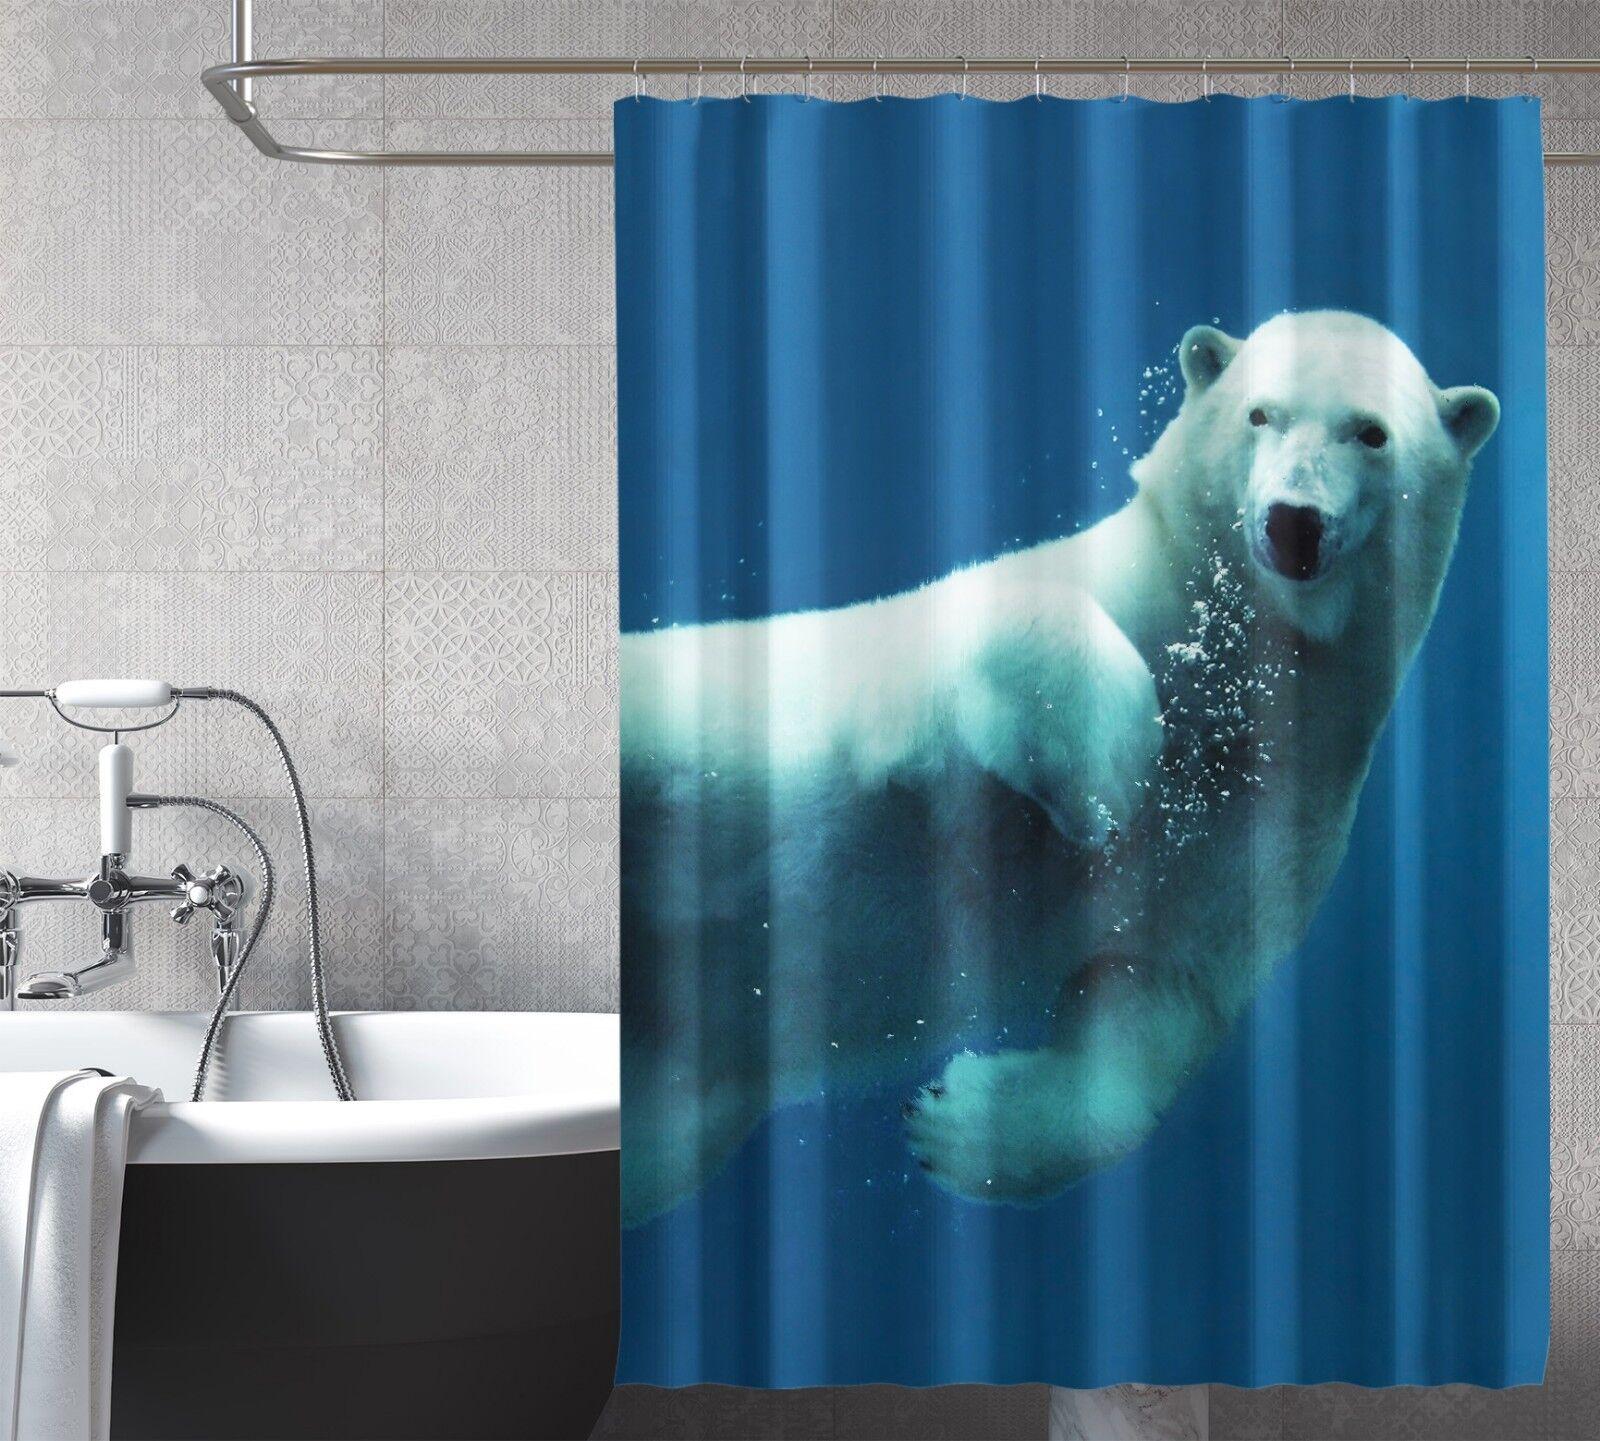 3D Weißer Bär 512 Duschvorhang Wasserdicht Faser Bad Daheim Windows Toilette DE | Zu einem niedrigeren Preis